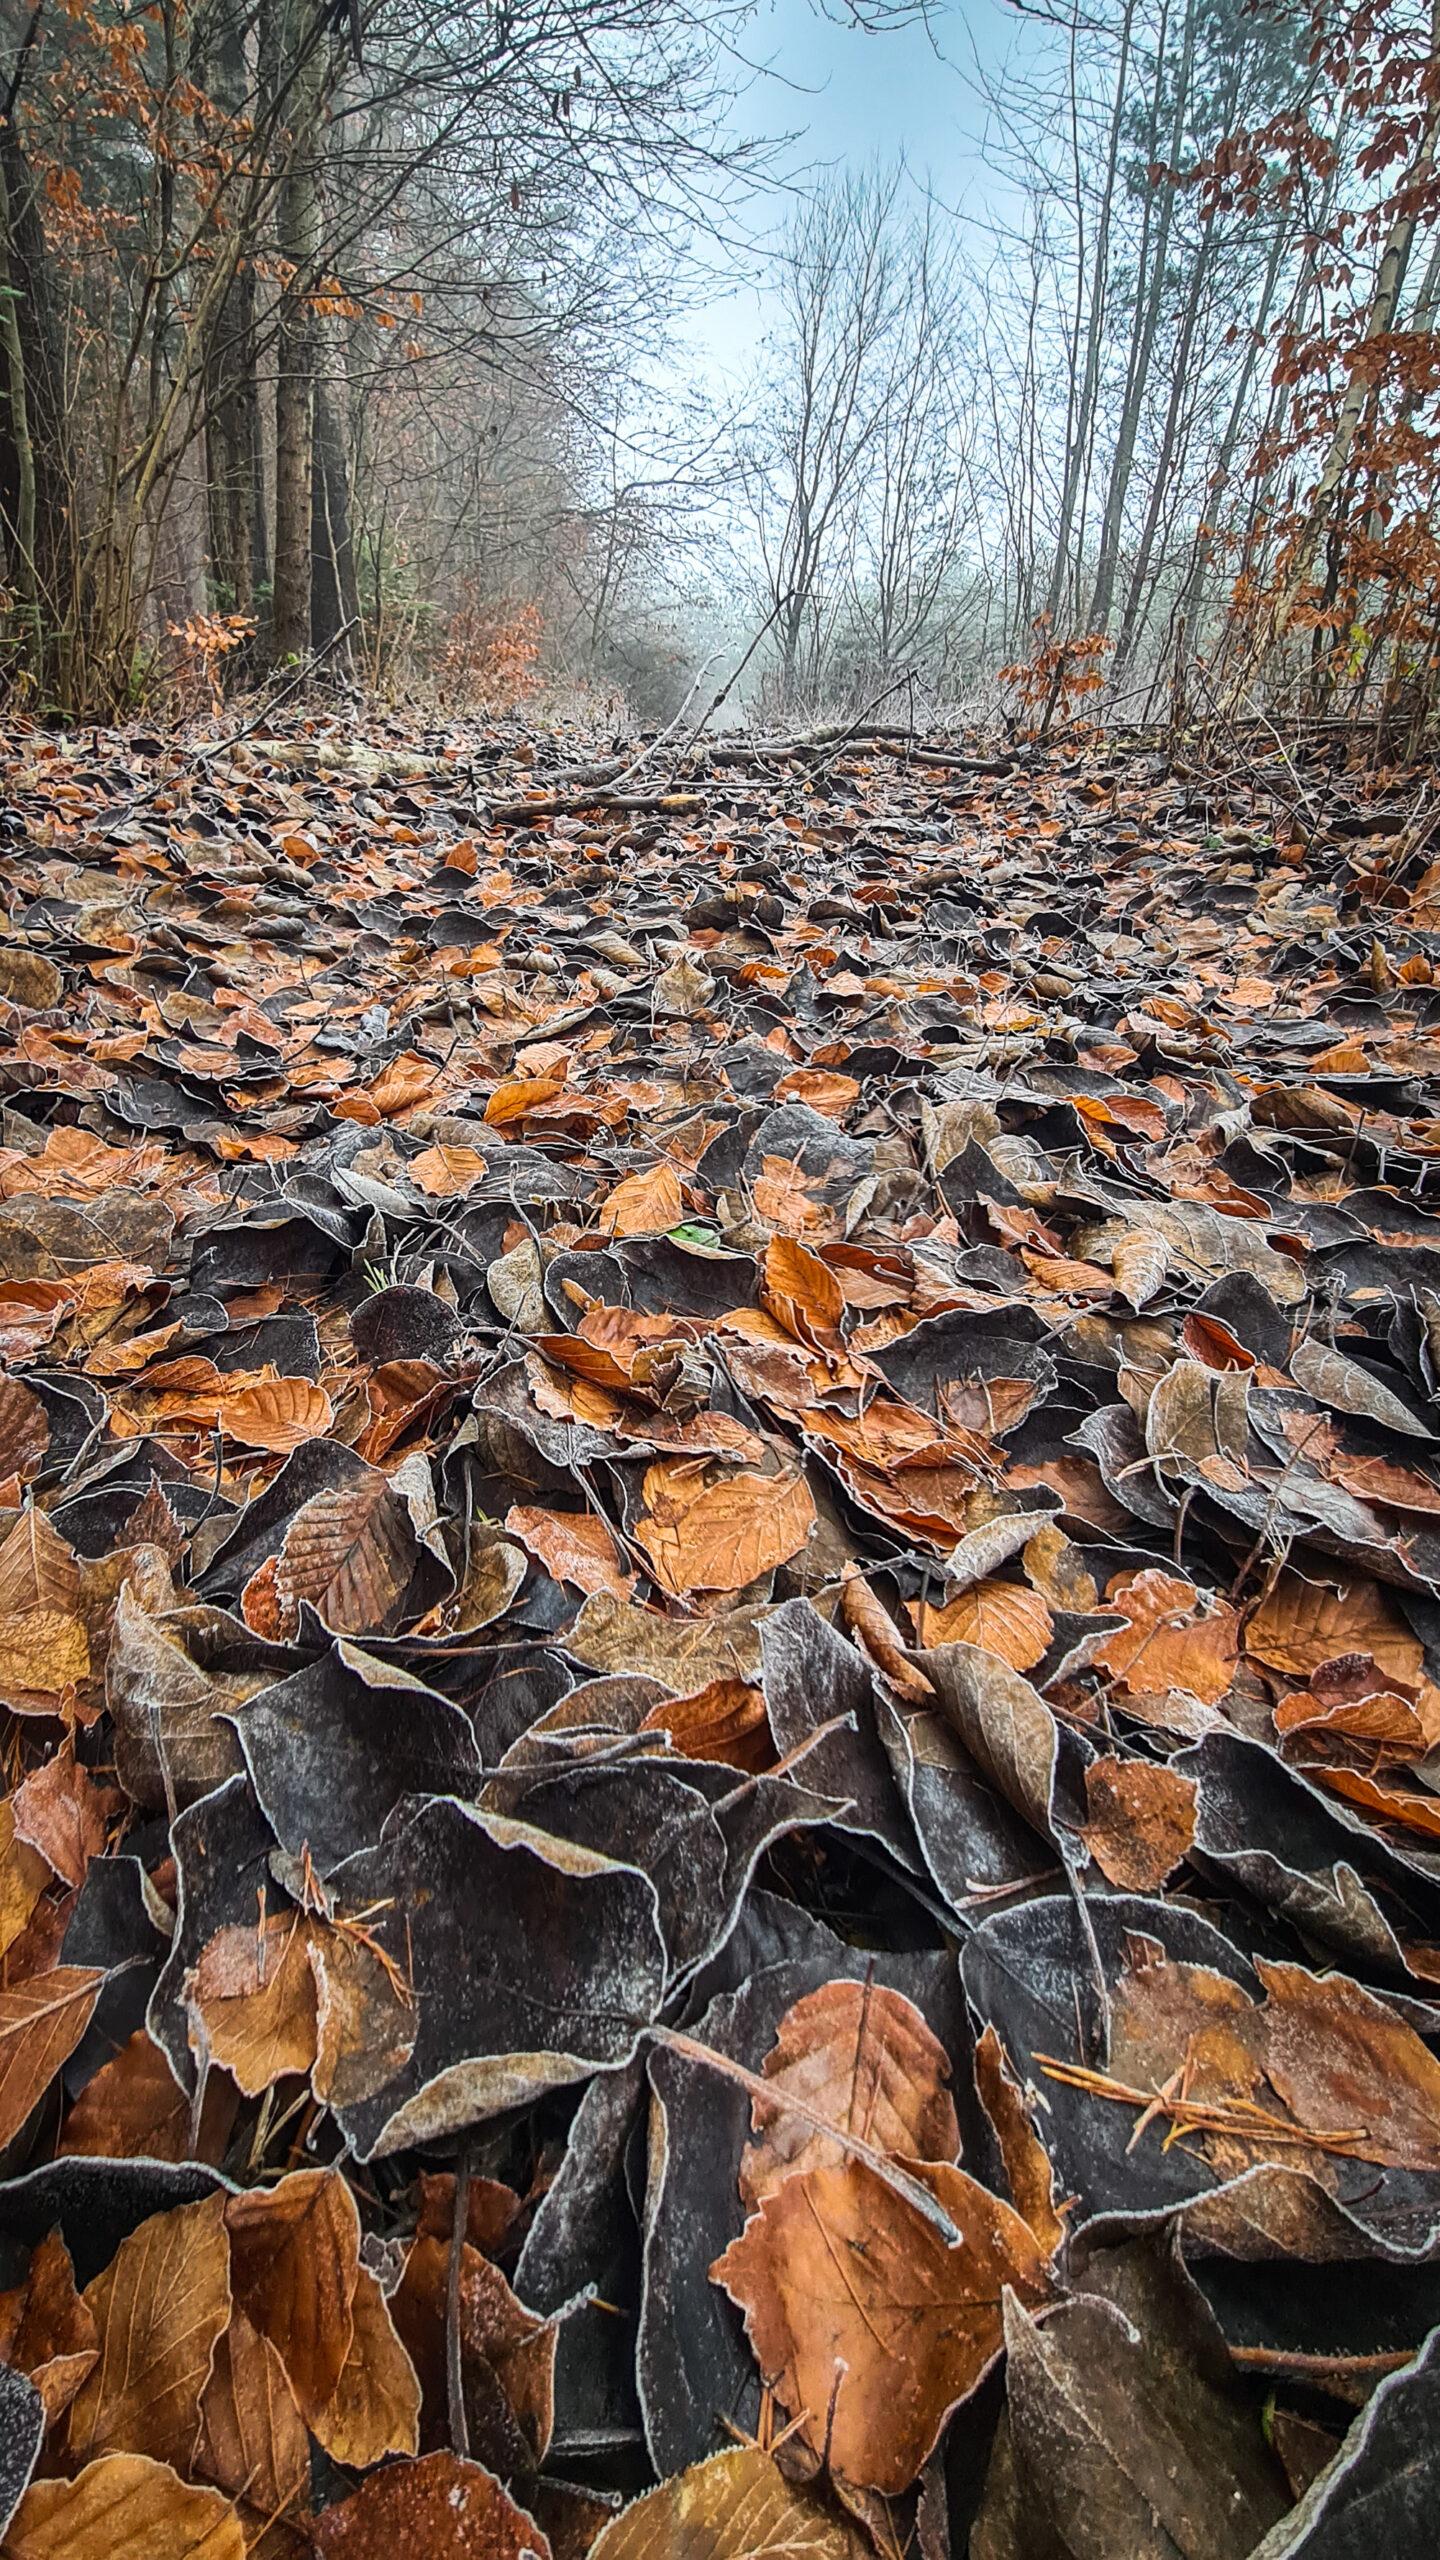 """I miejsce, kategoria wiekowa do 15 lat, podkategoria przyrodnicze zdjęcie krajobrazowe – Martyna Łyczak """"Jesień na Roztoczu"""""""